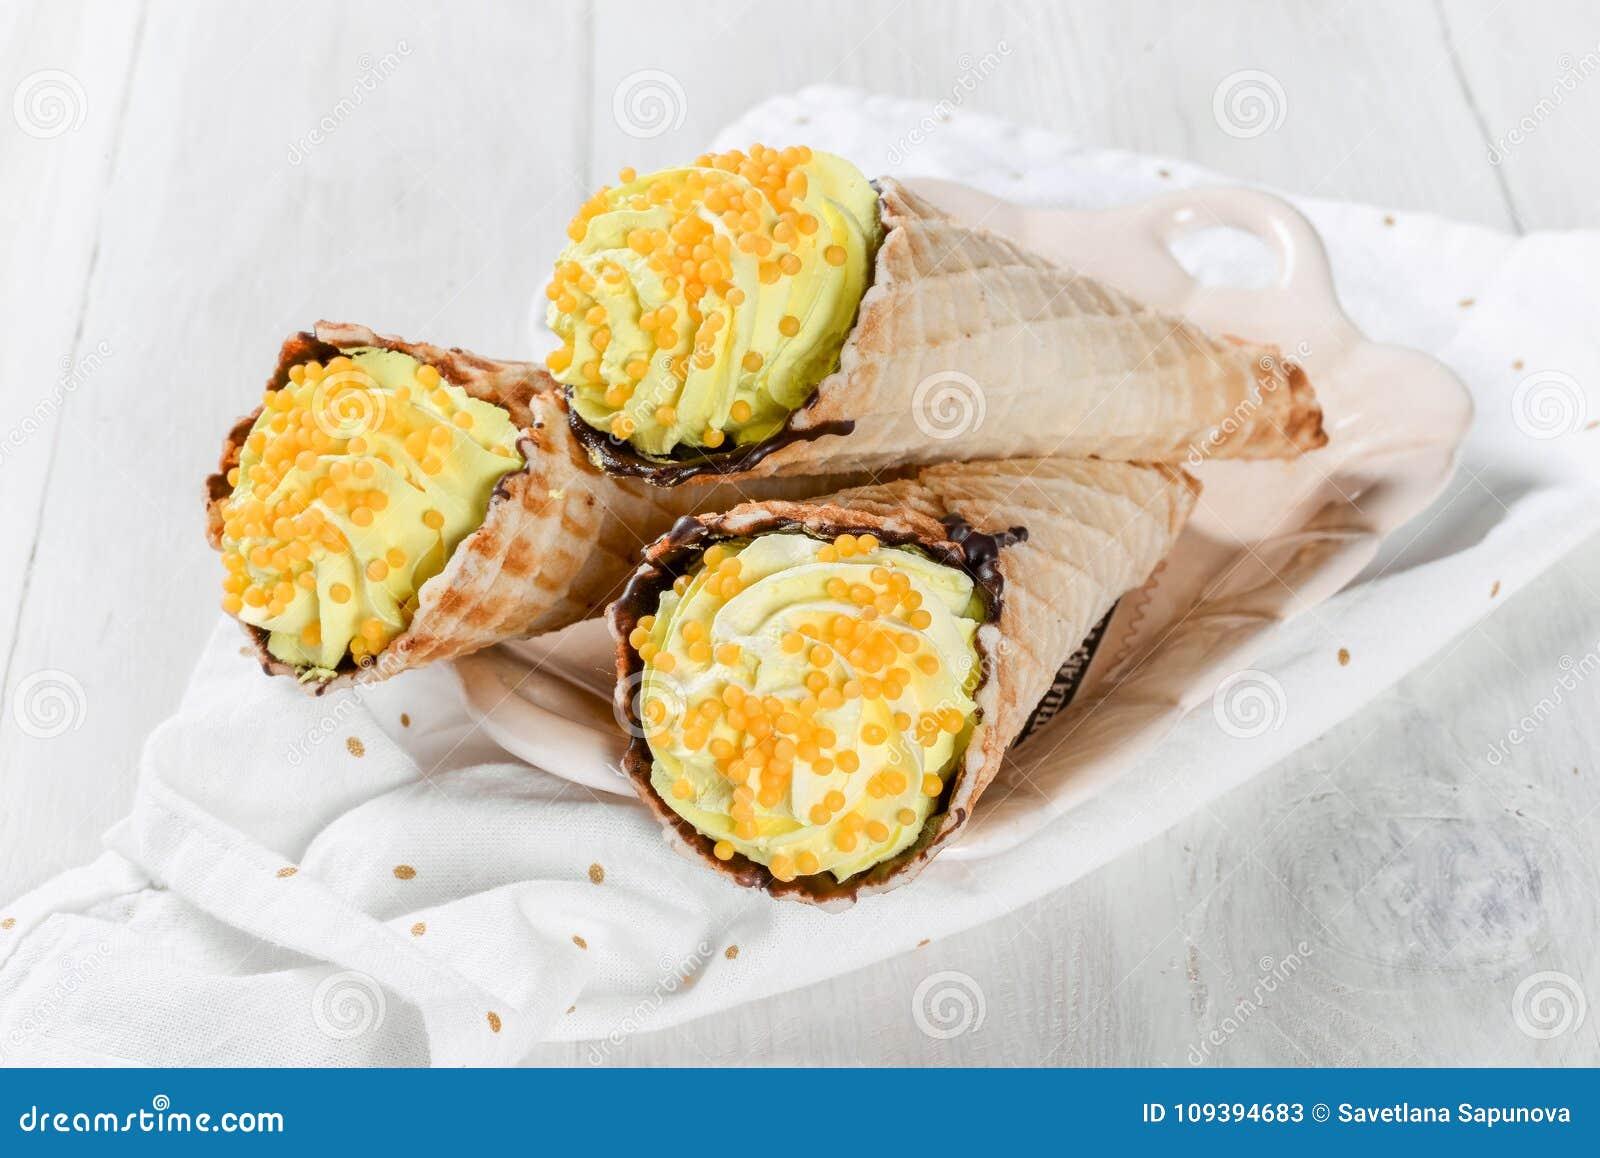 Tre corni della cialda con crema gialla